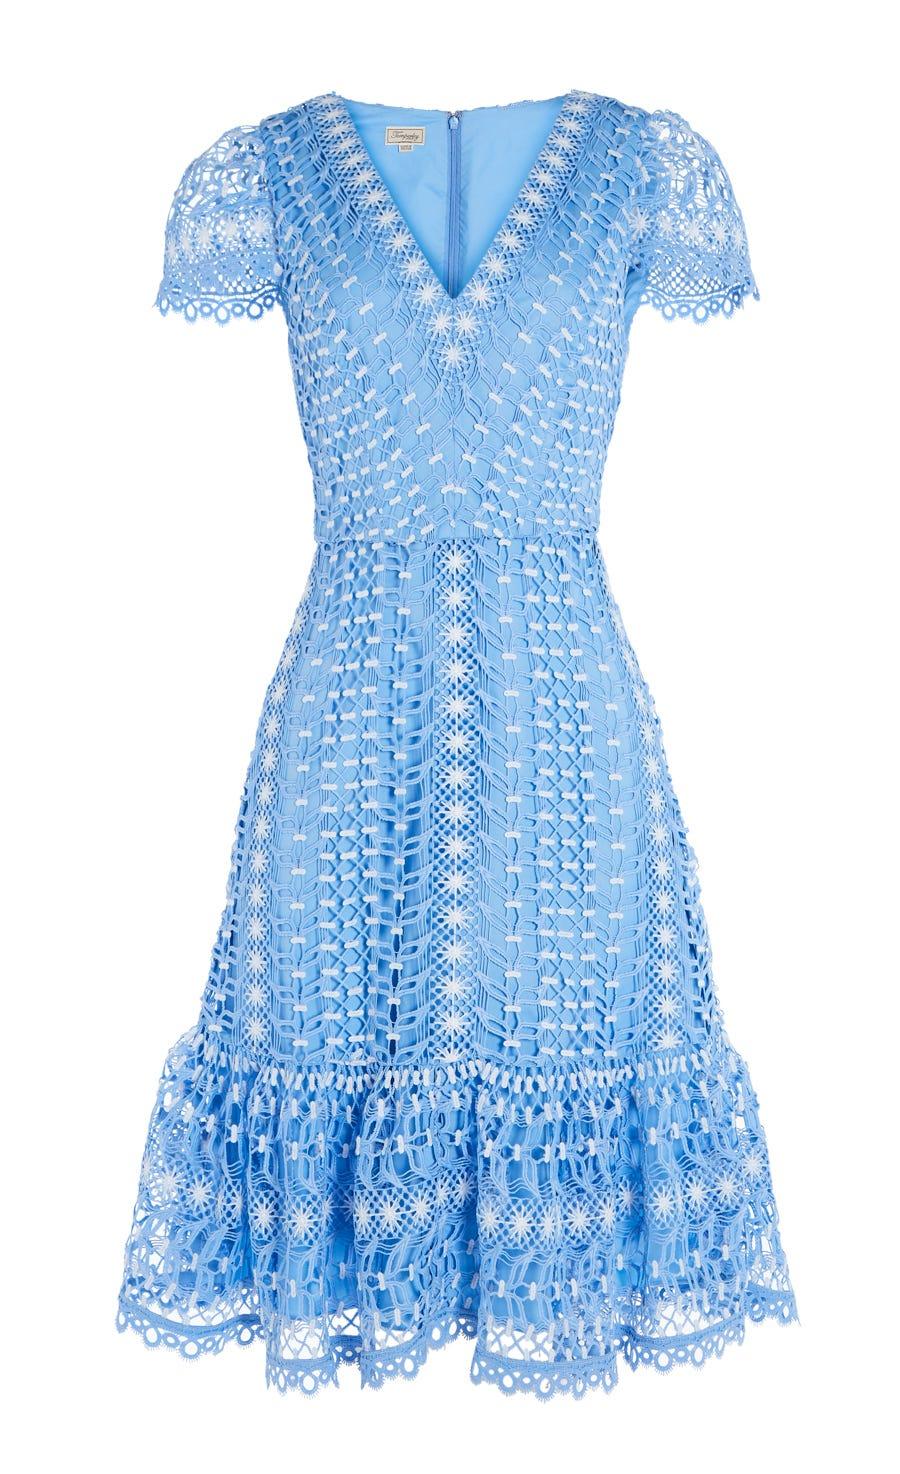 Bamboo Lace Dress